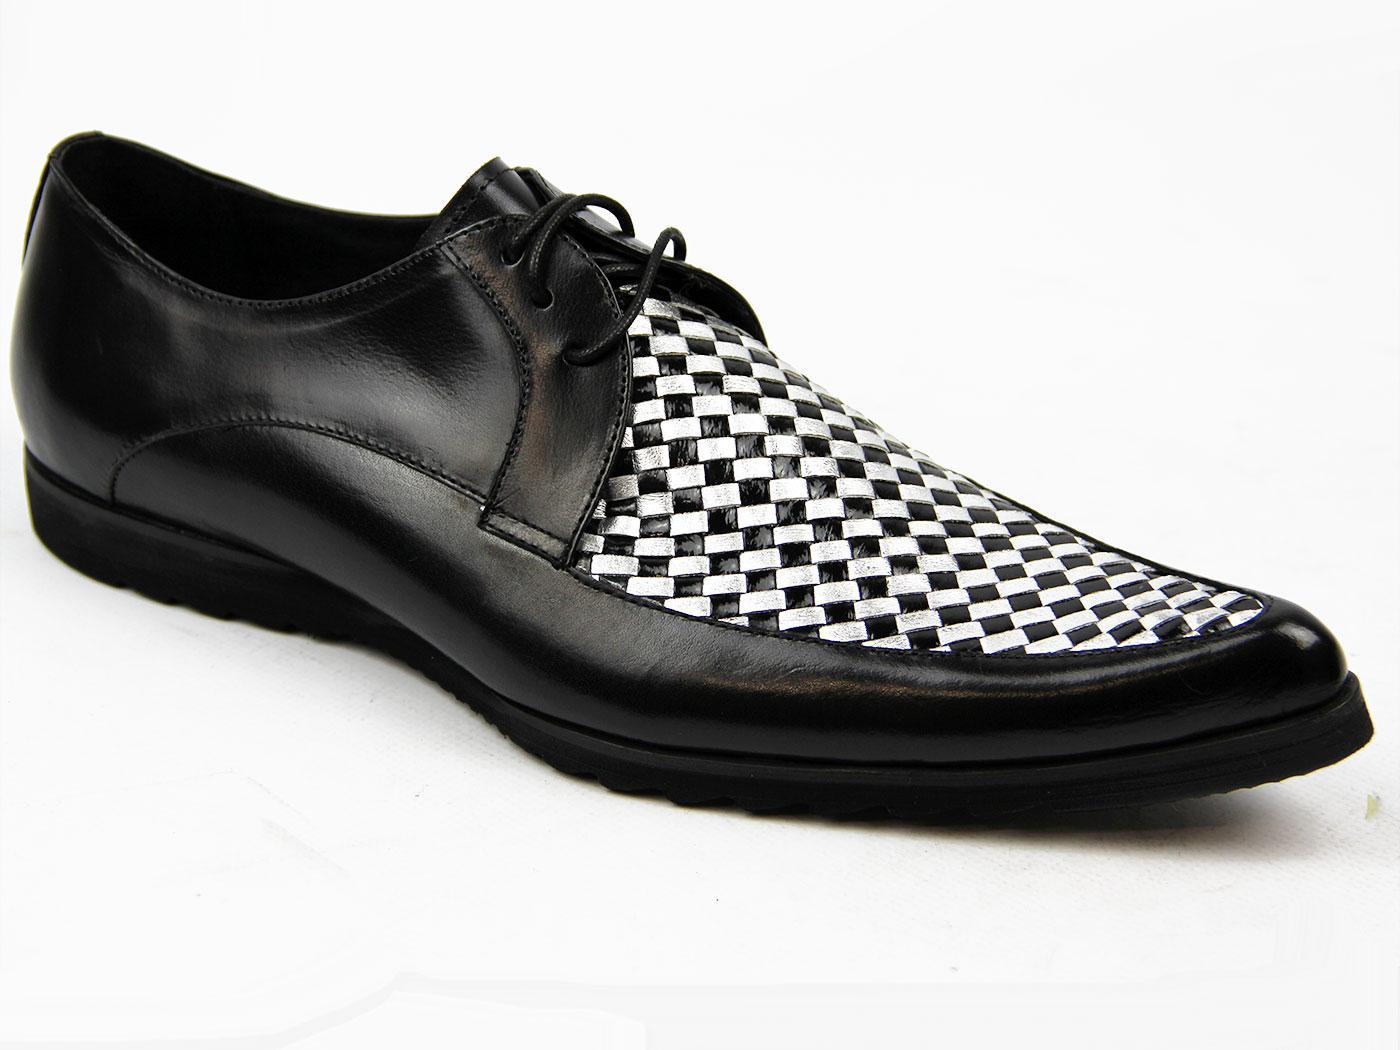 Mens Black White Winklepicker Shoes